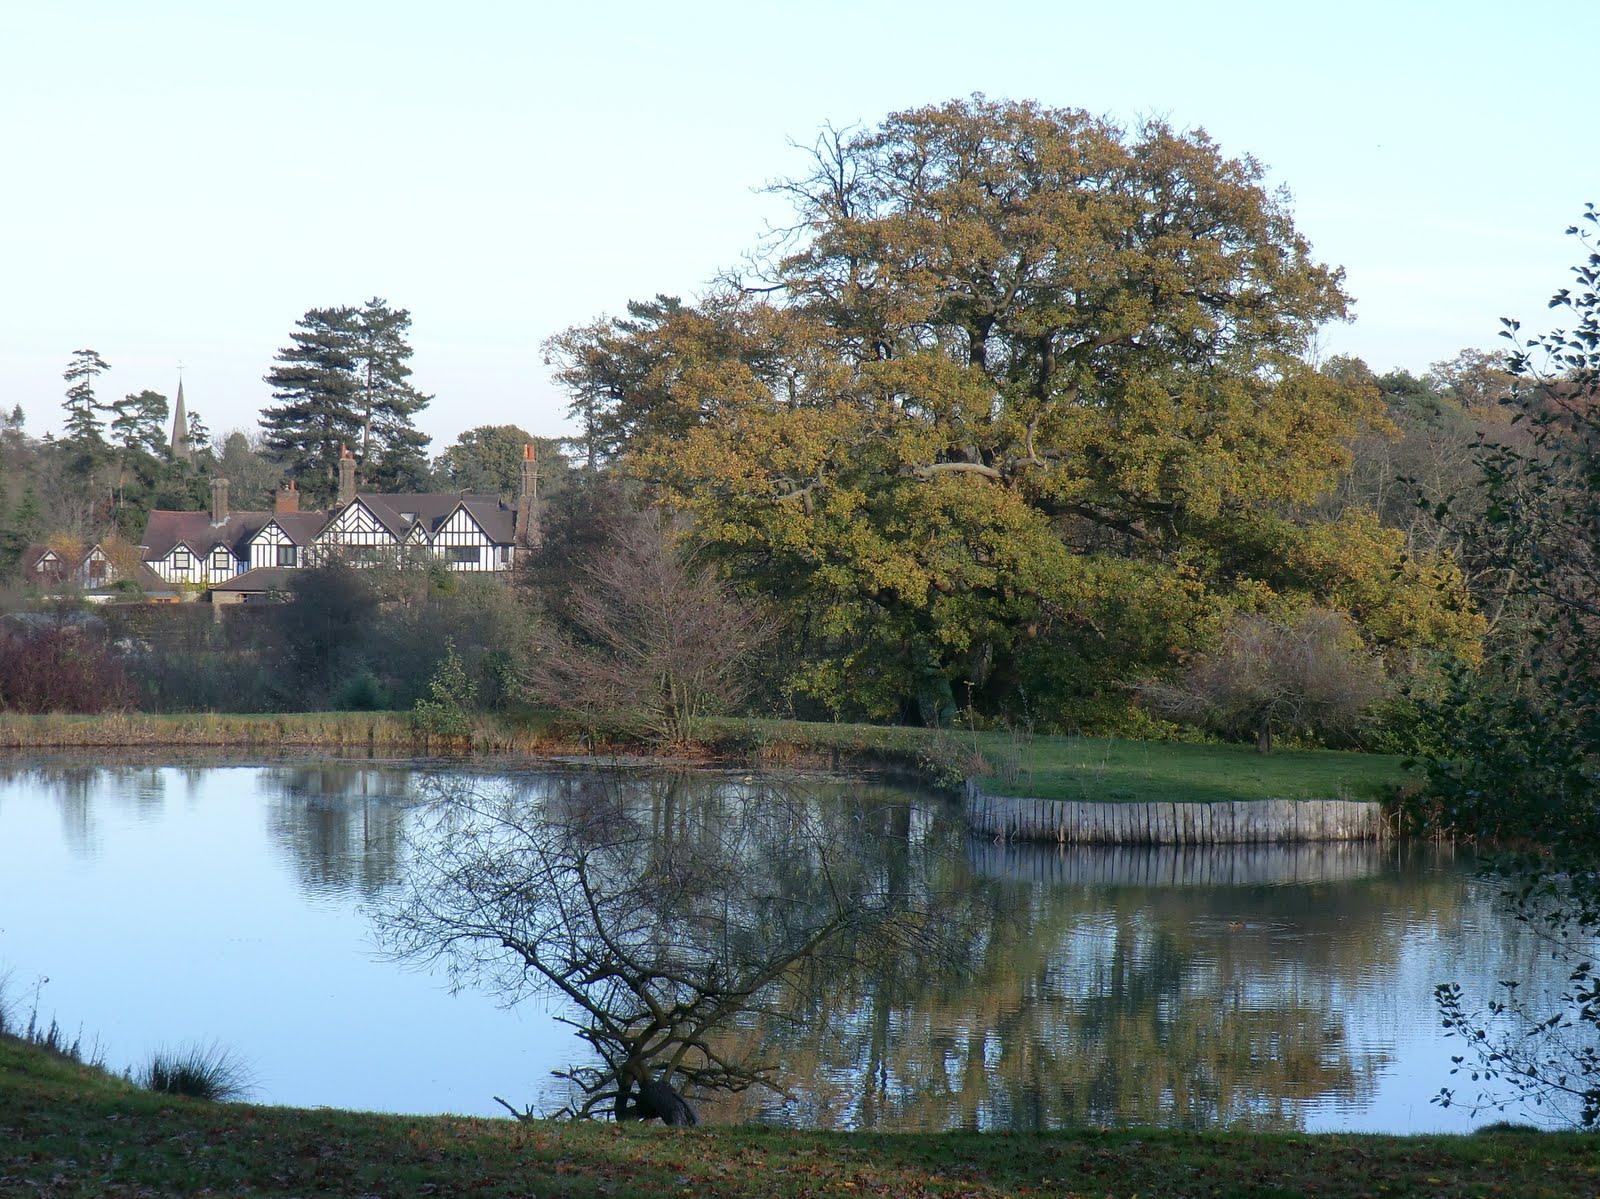 CIMG0301 Large garden pond, Hever